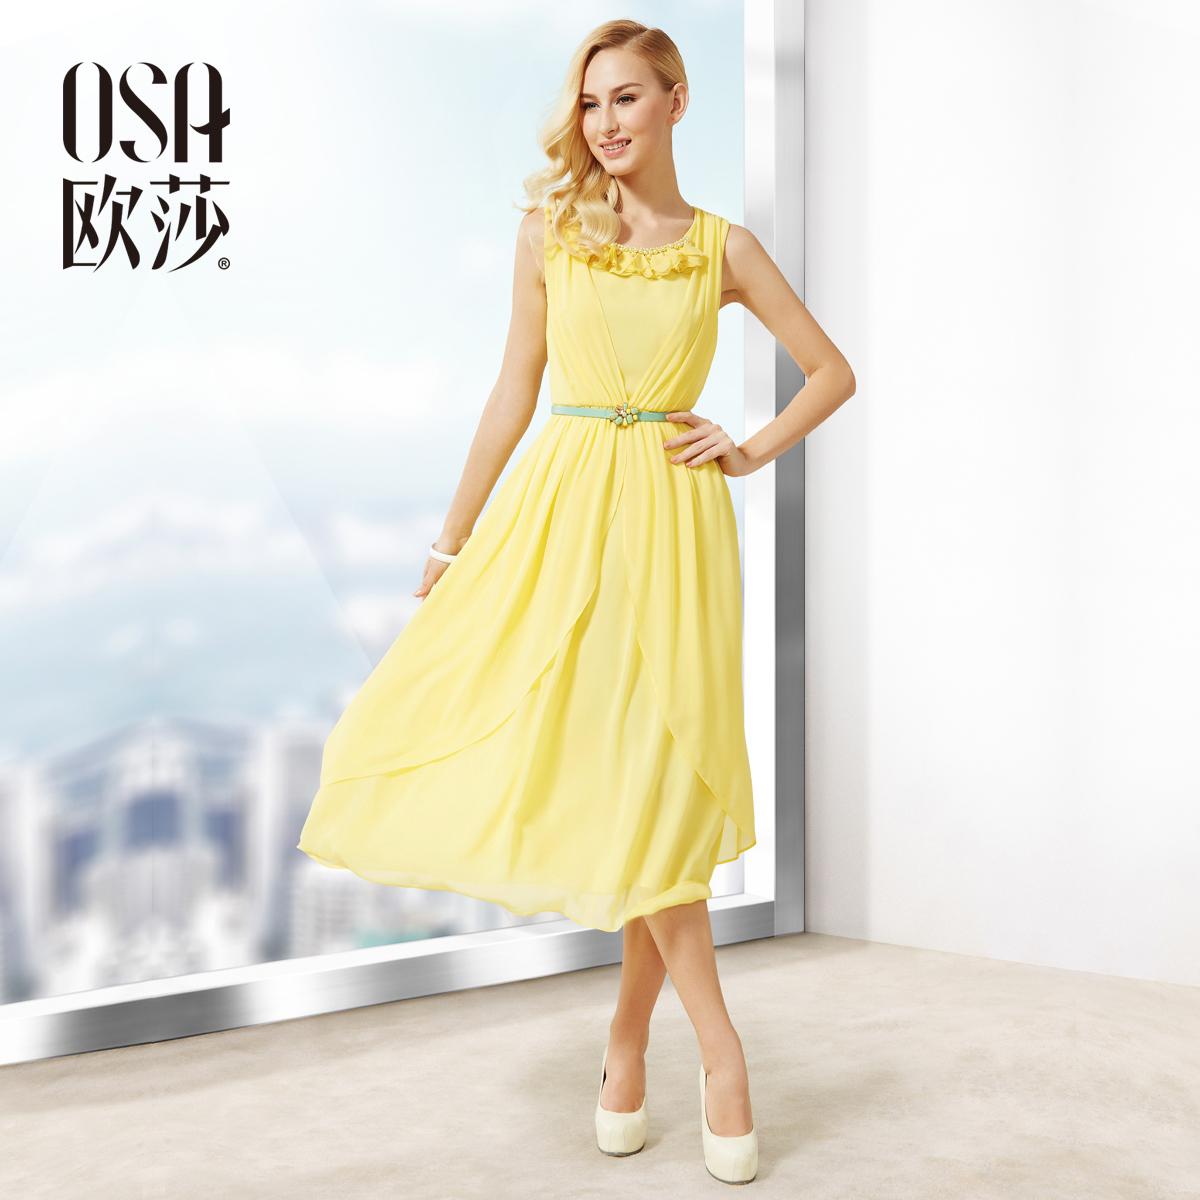 Женское платье OSA 2015